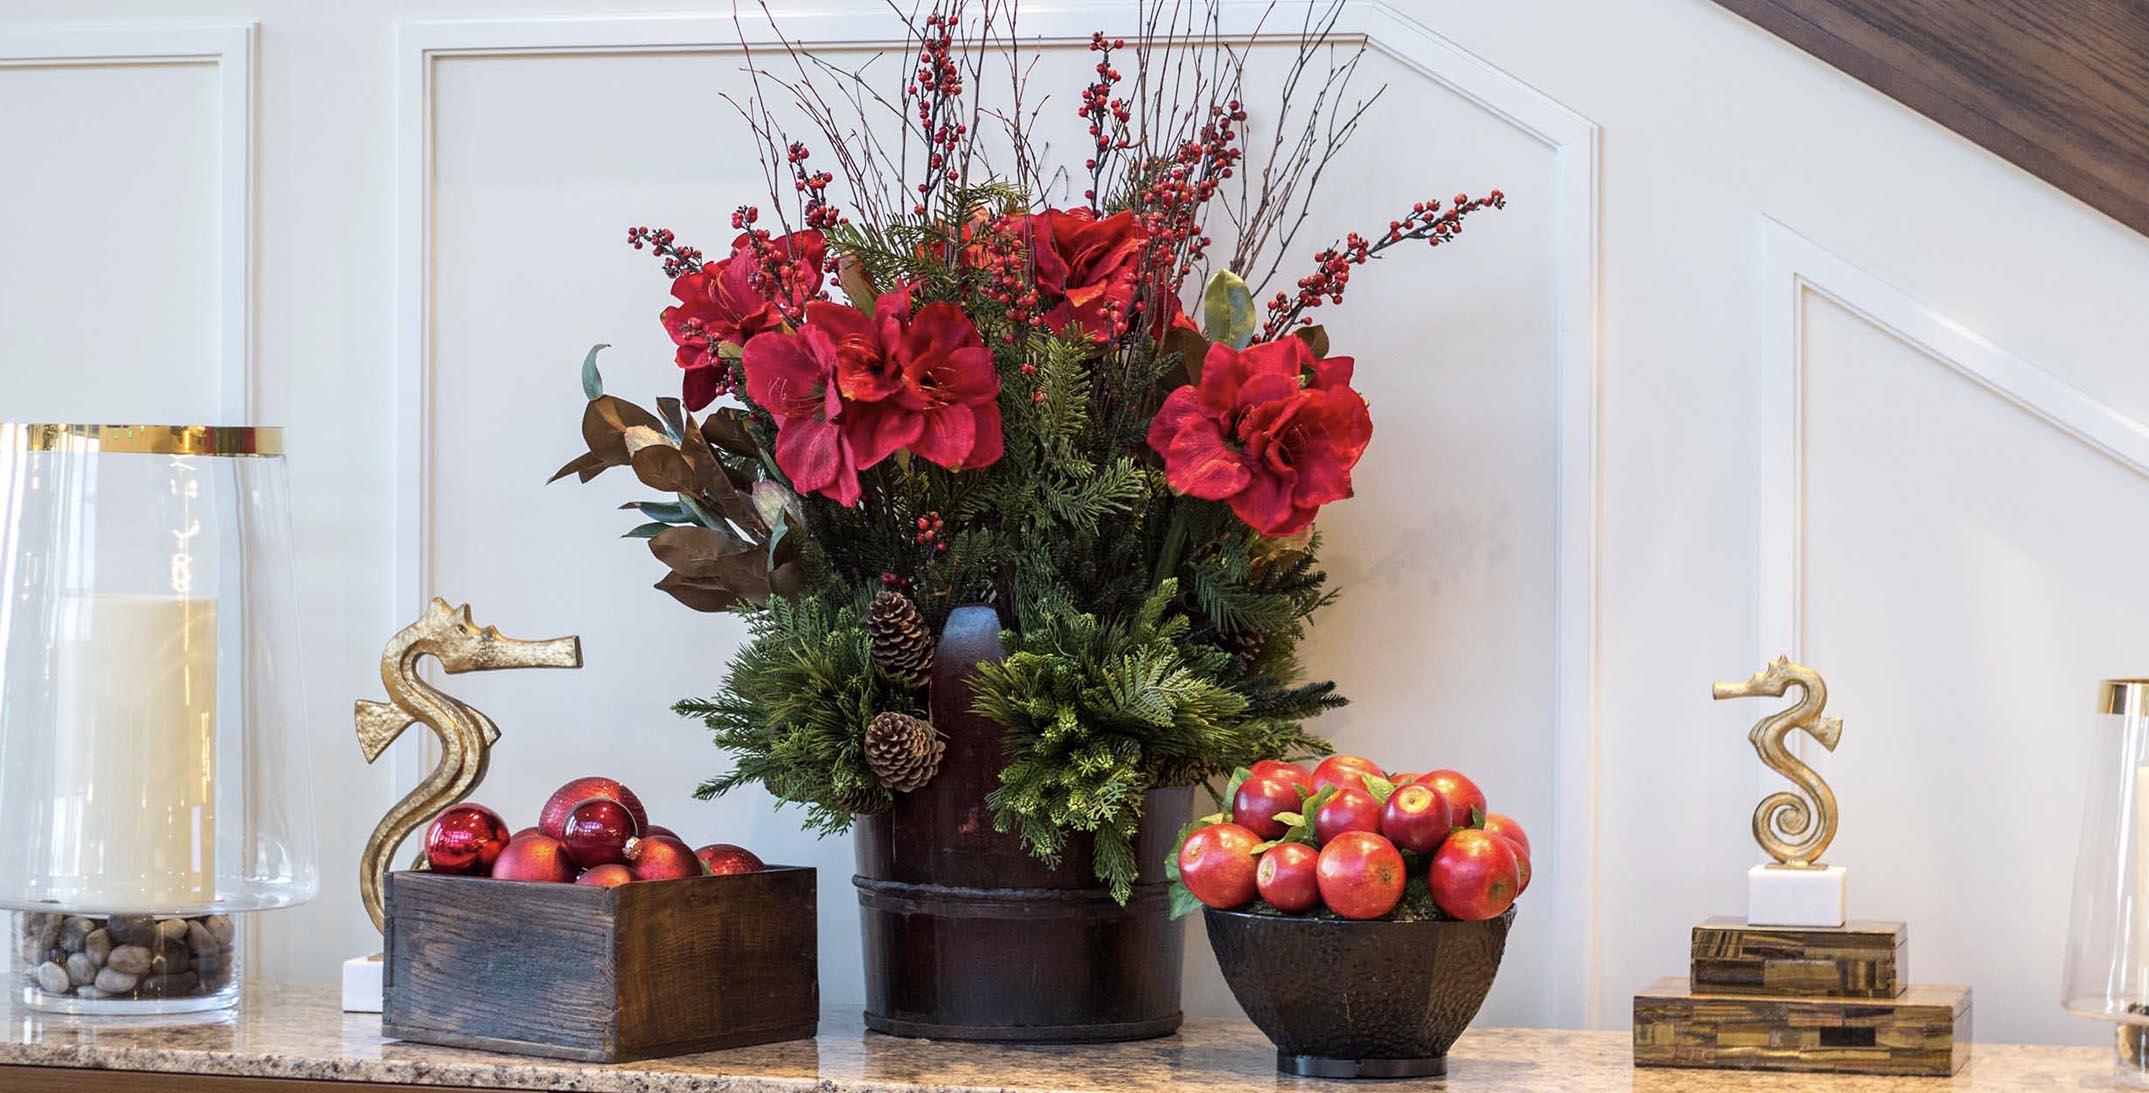 Christmas Seasonal Red Decor